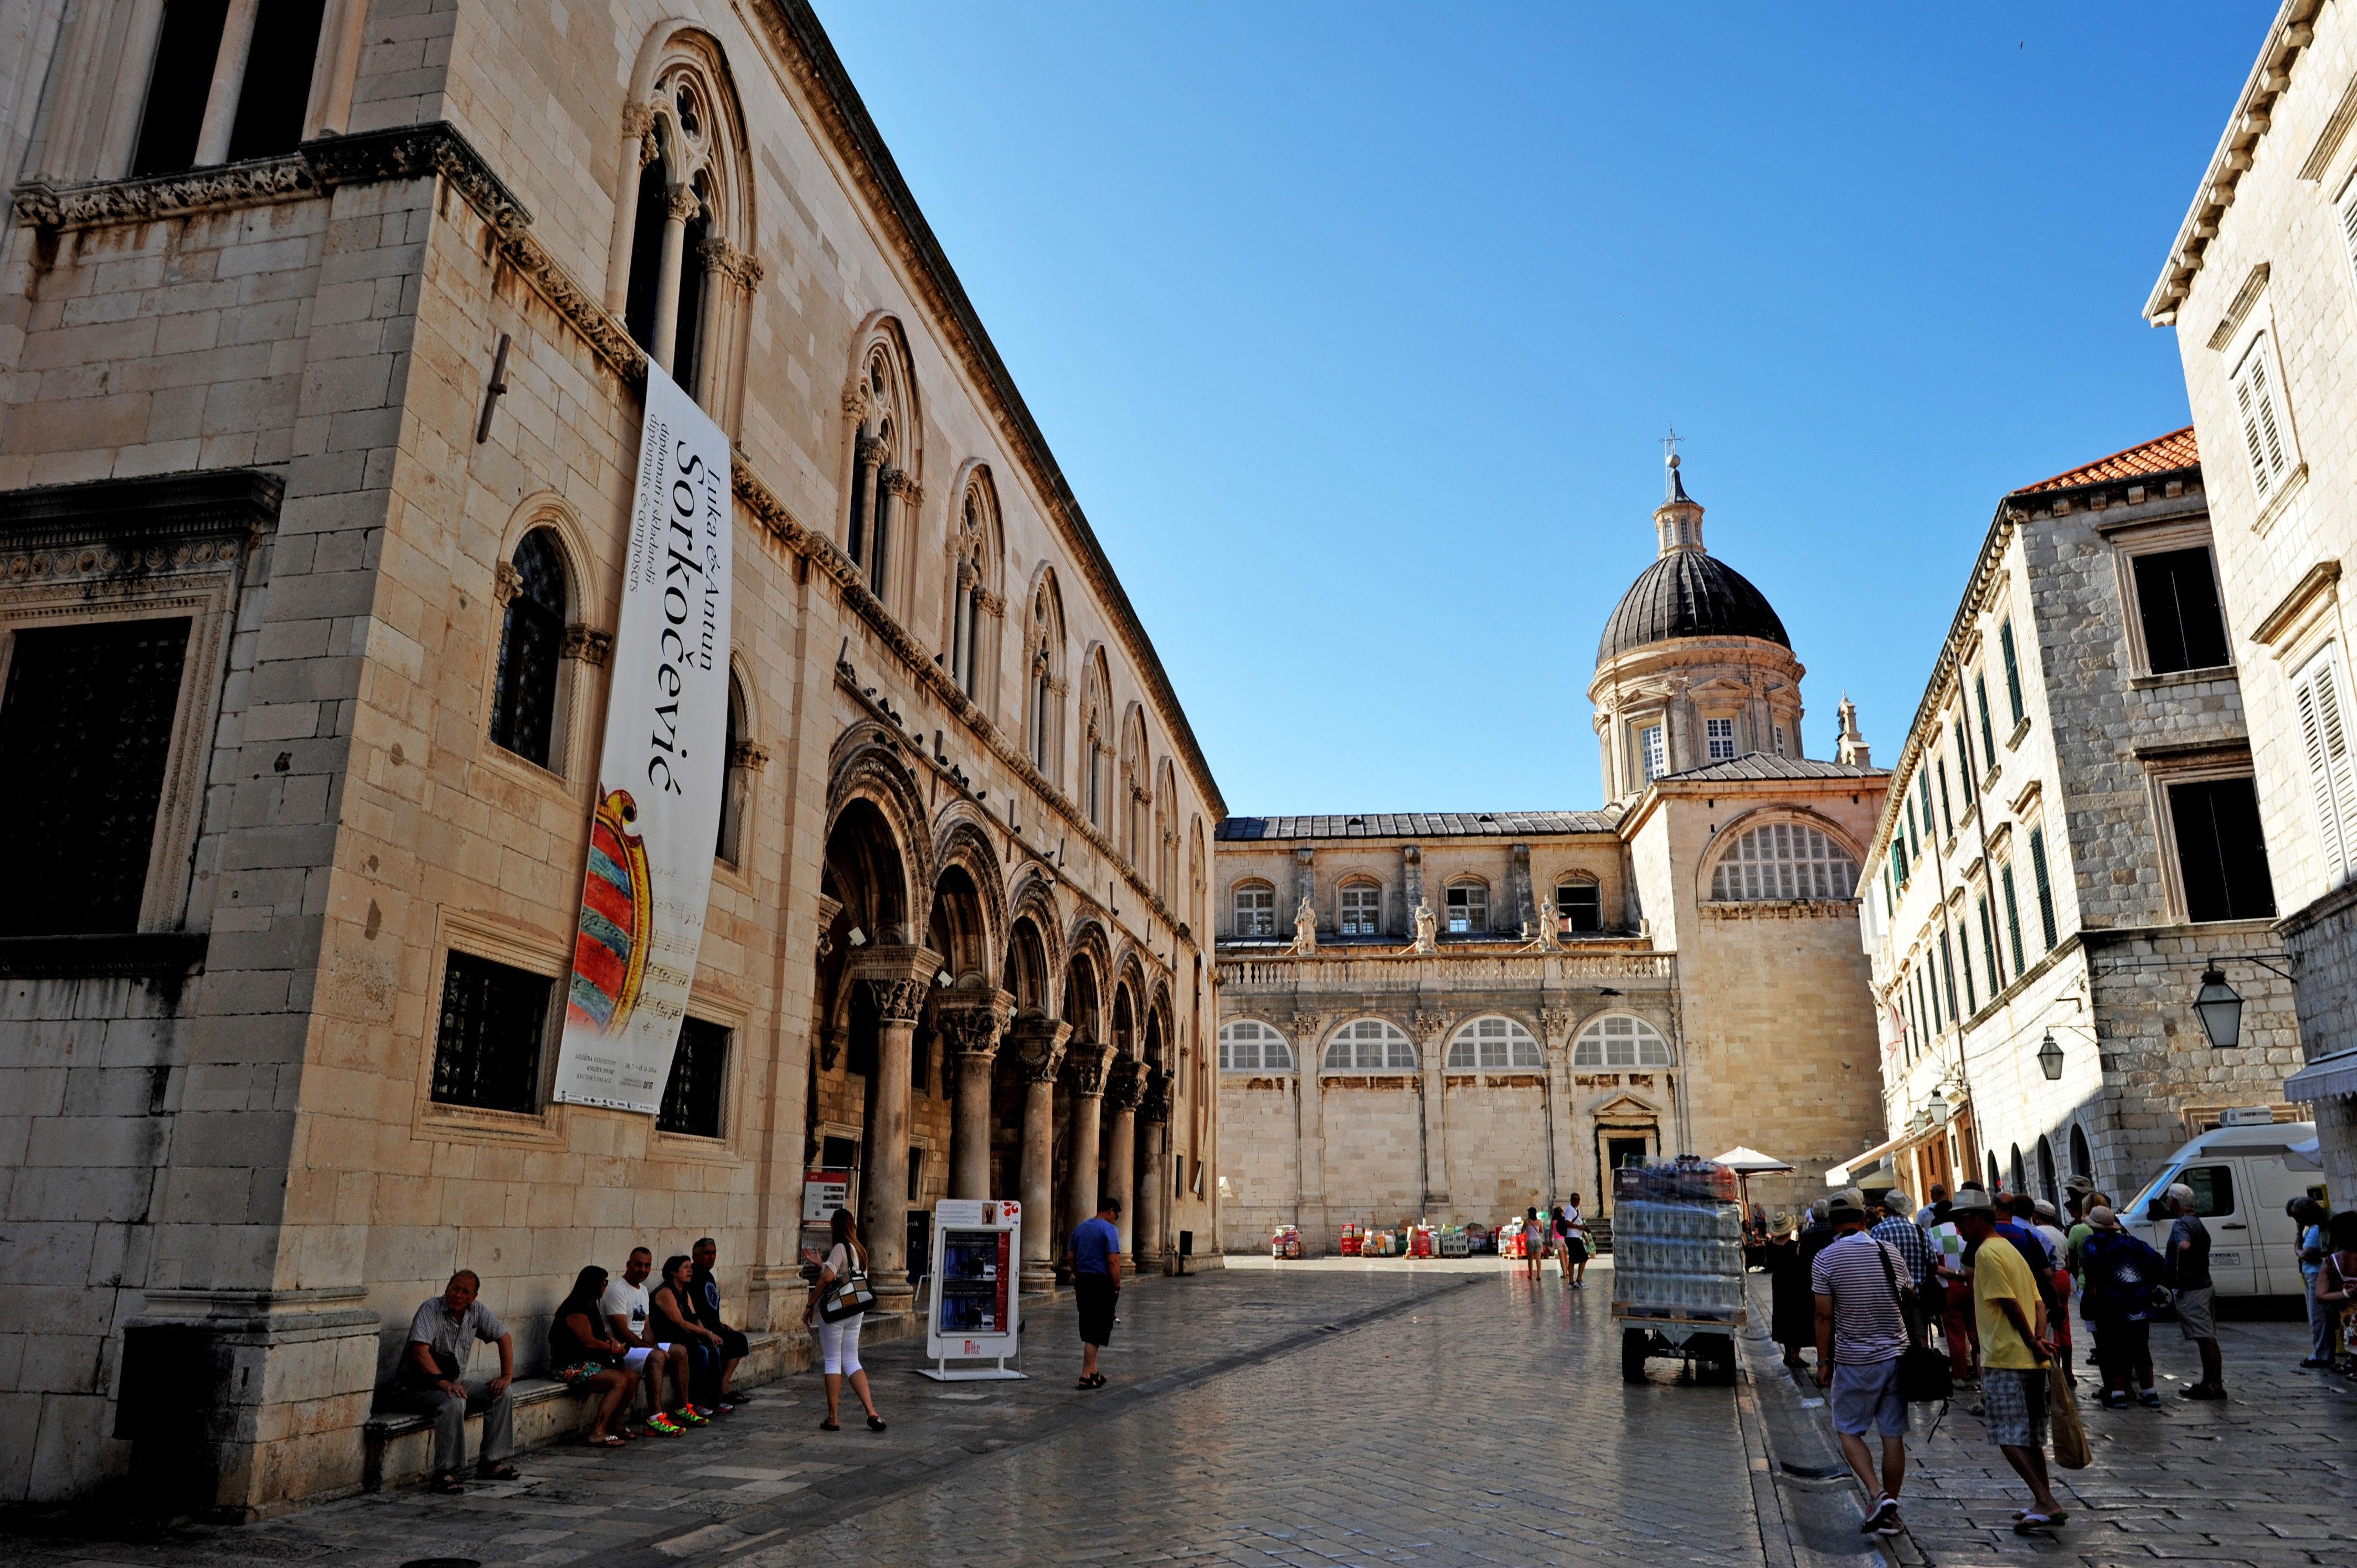 杜布羅夫尼克古城區  Old Town Dubrovnik   -1